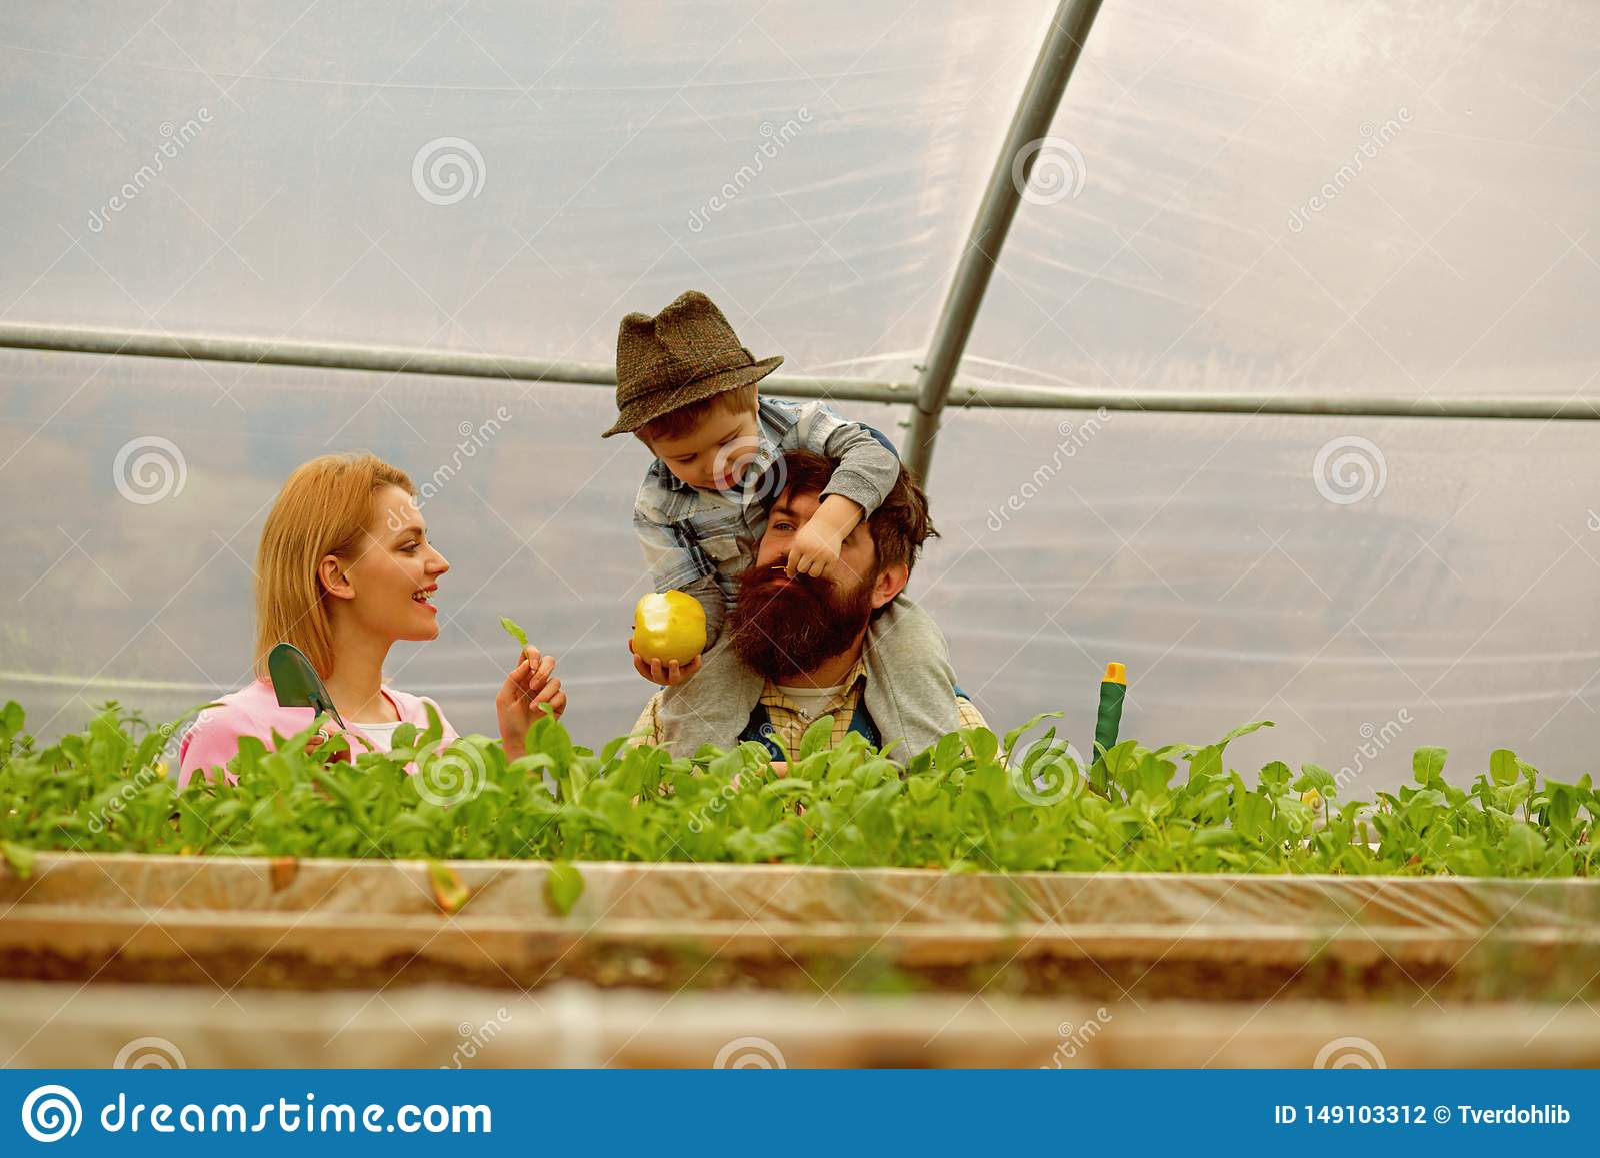 父亲母亲和儿子自温室 有母亲和父亲工作的儿子自温室 母亲父亲和儿子自温室